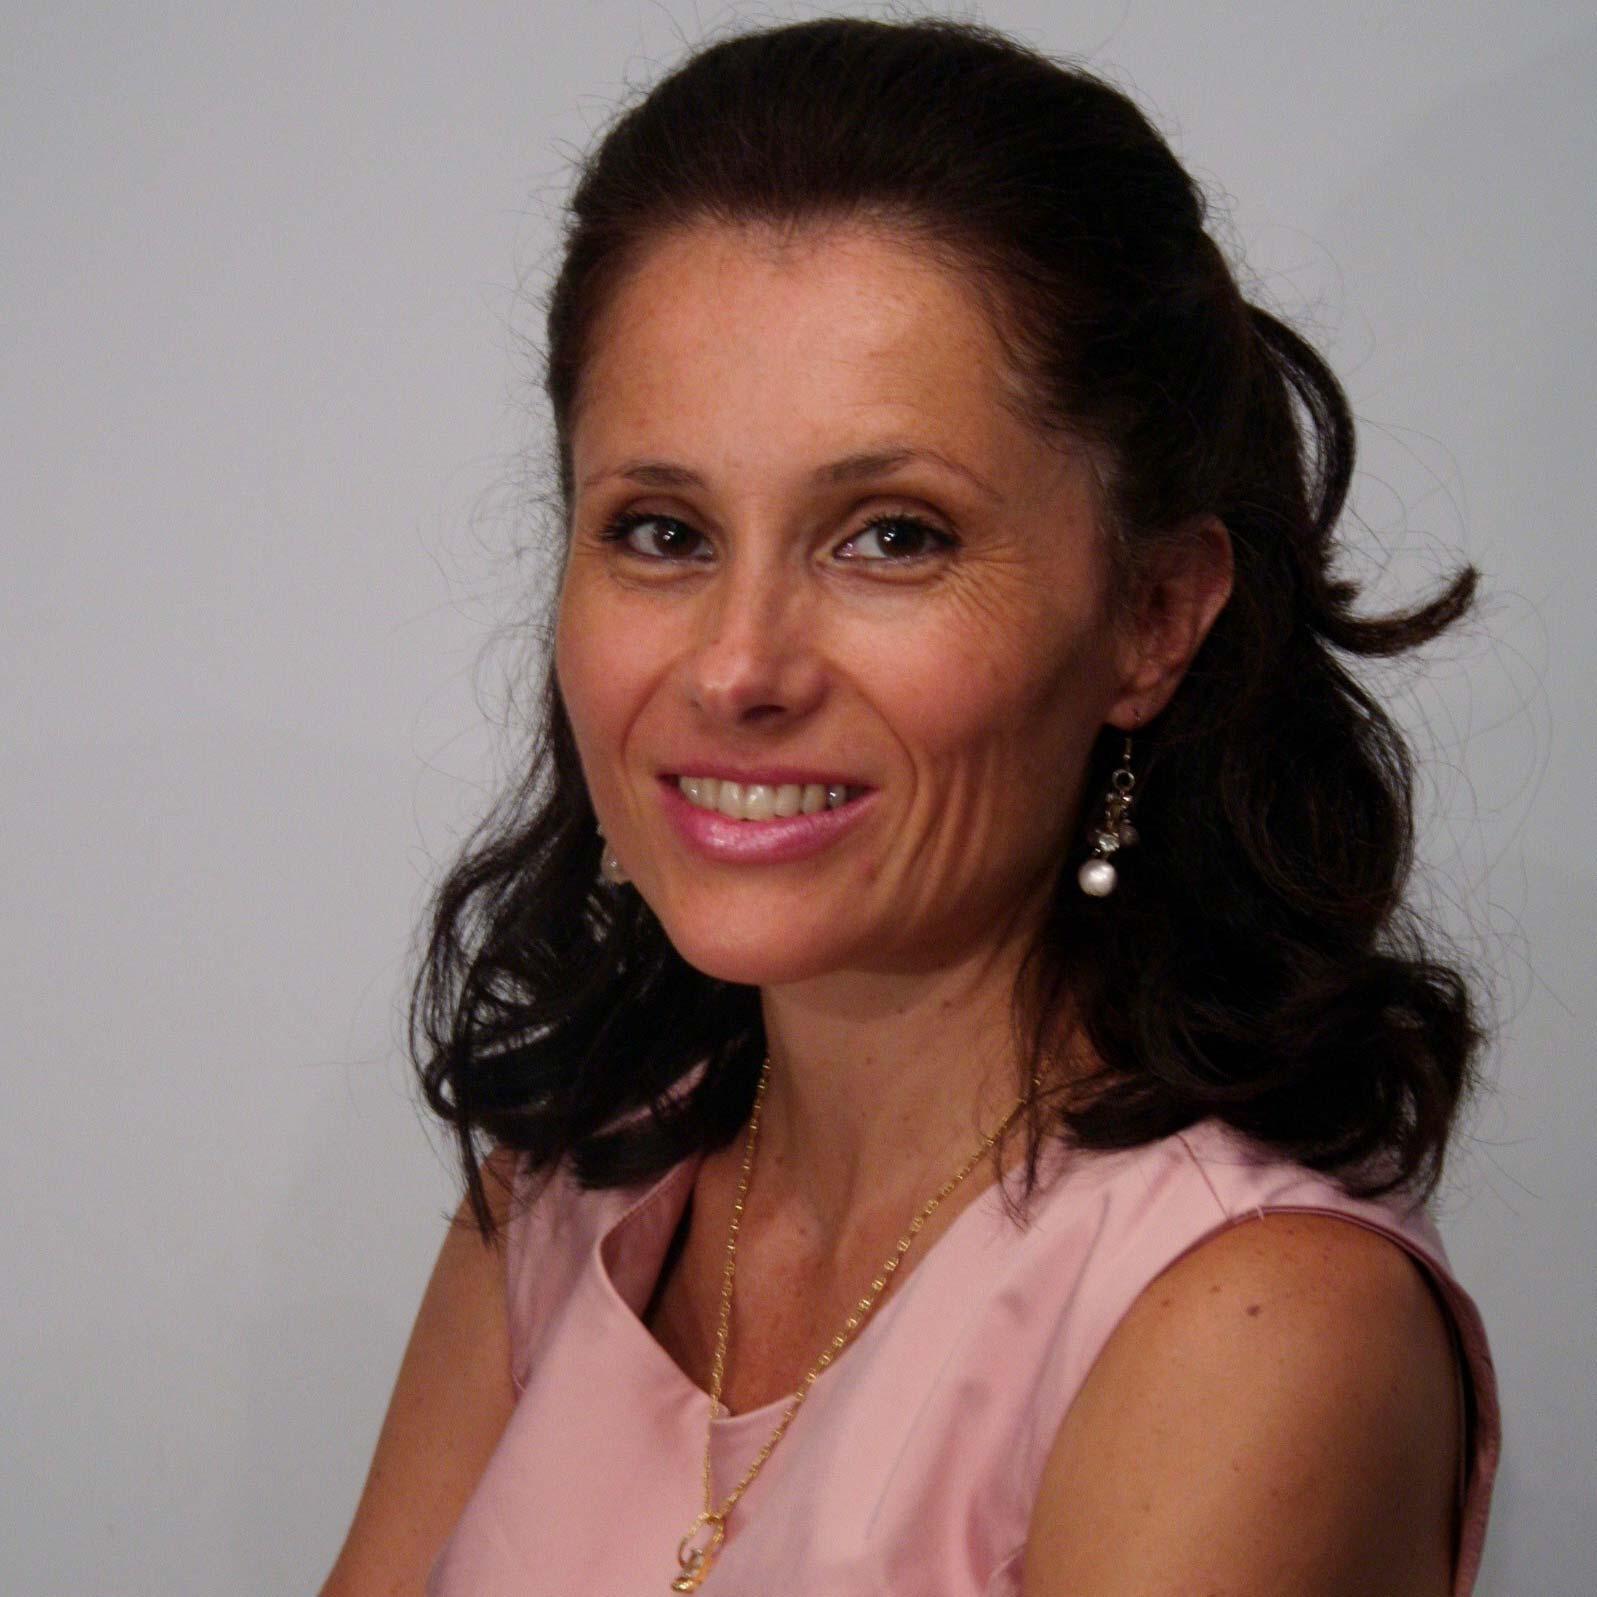 Estelle Sommeiller